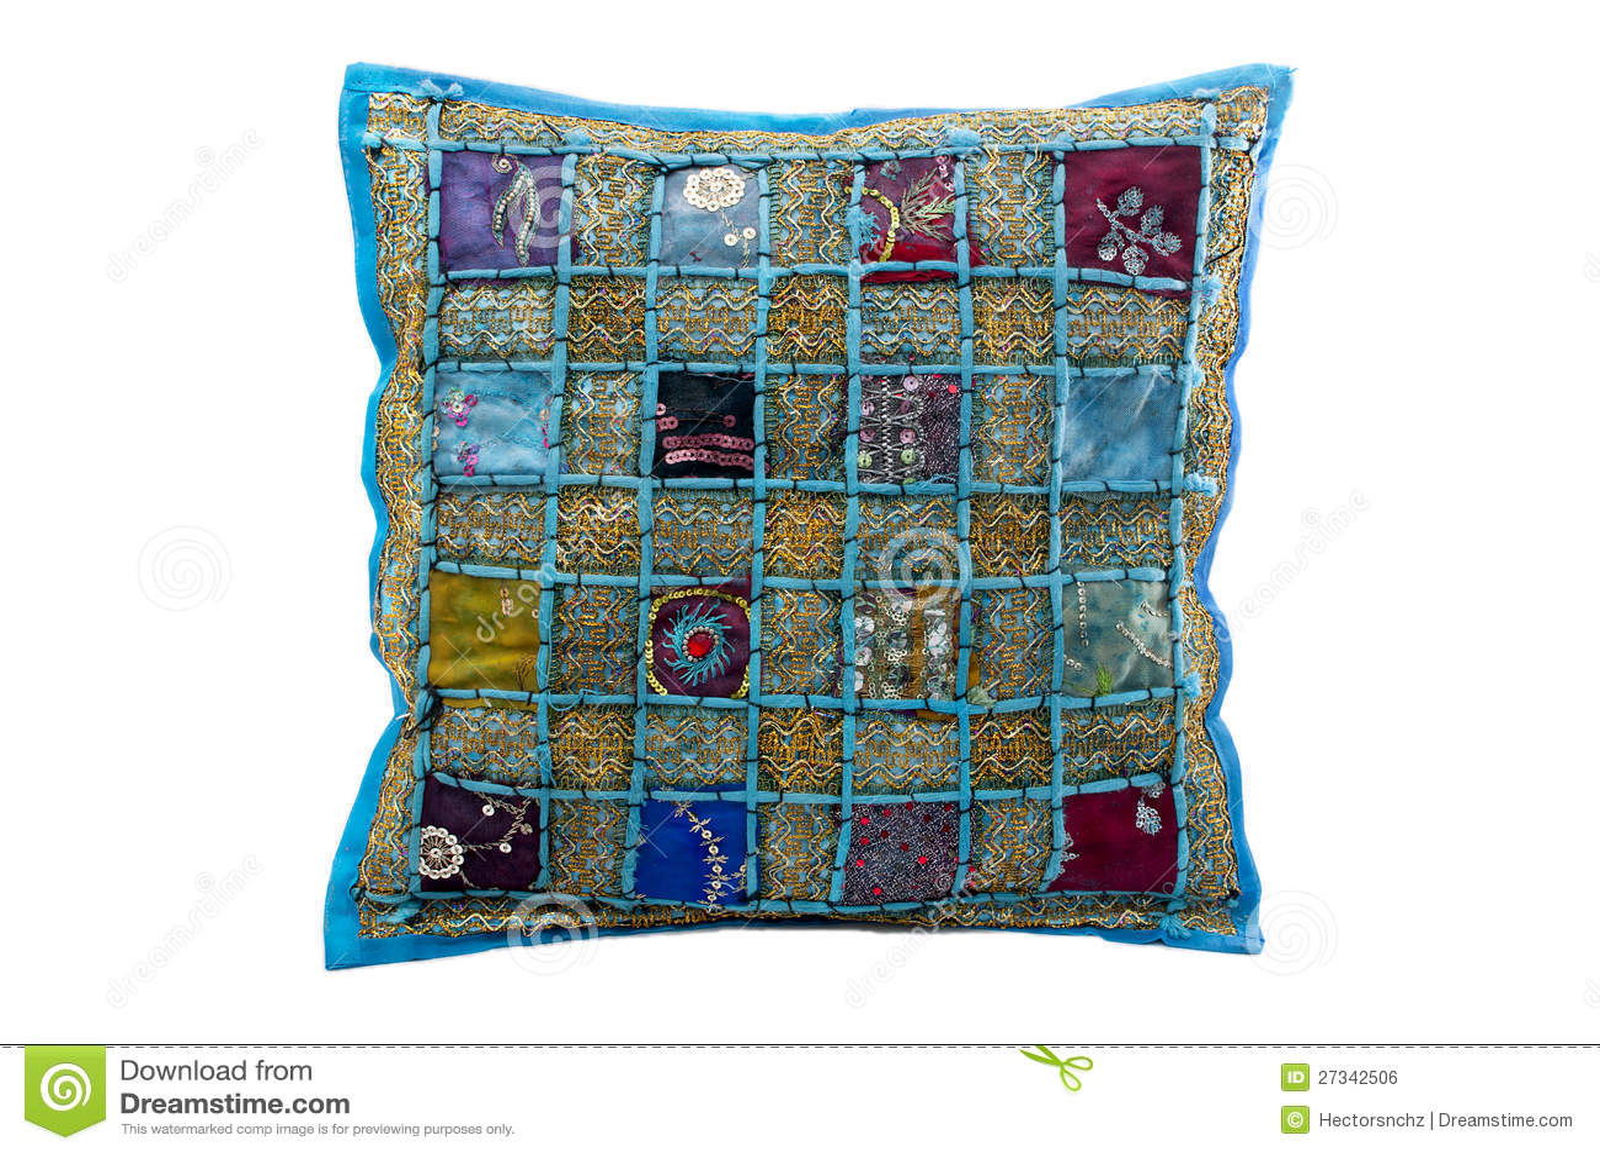 Arab Cushion